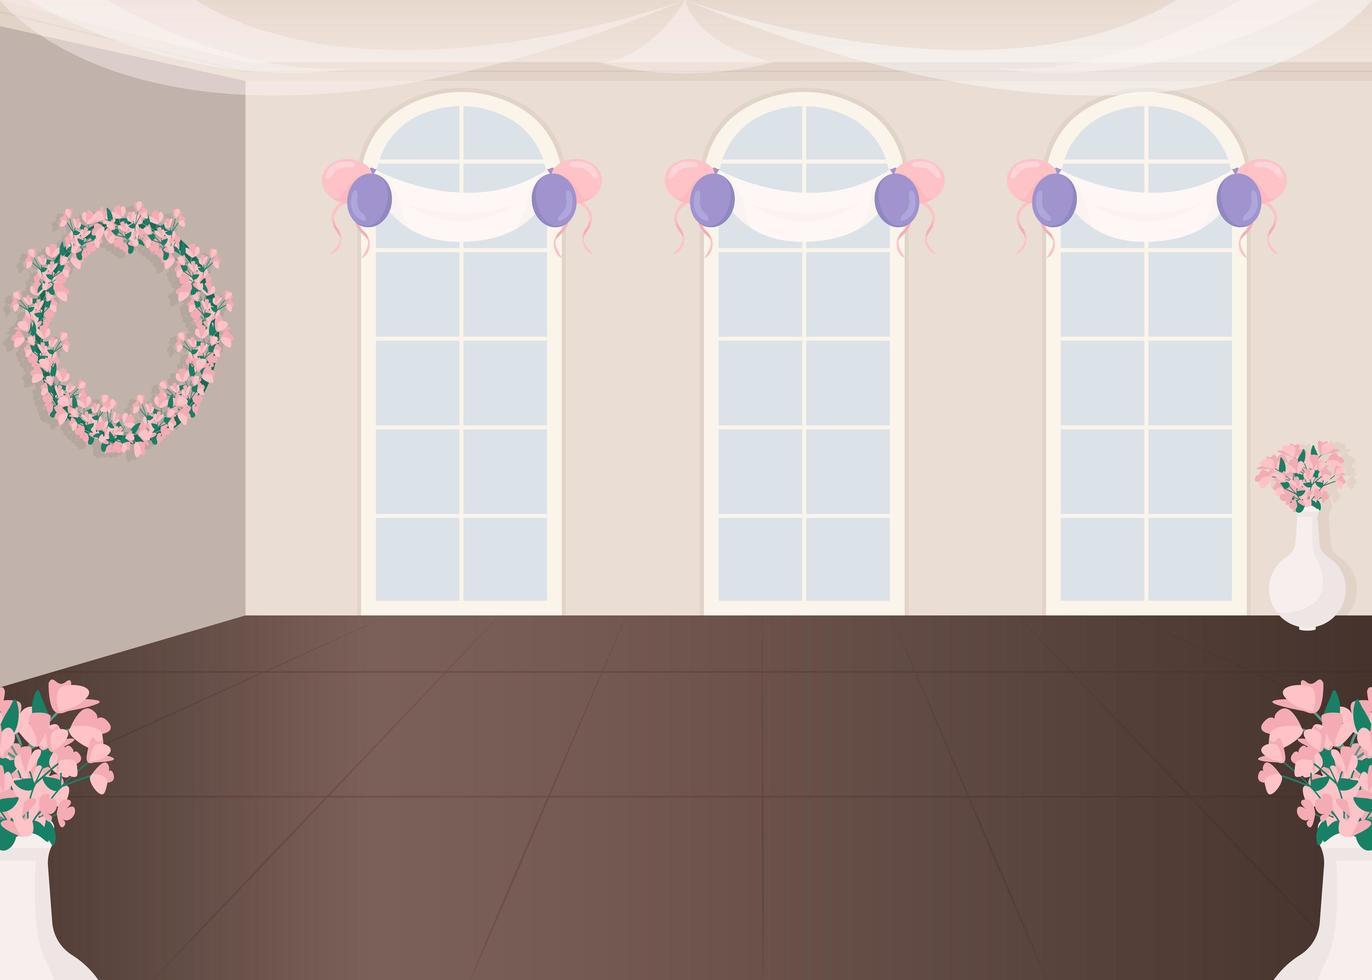 Hochzeitssaal vektor